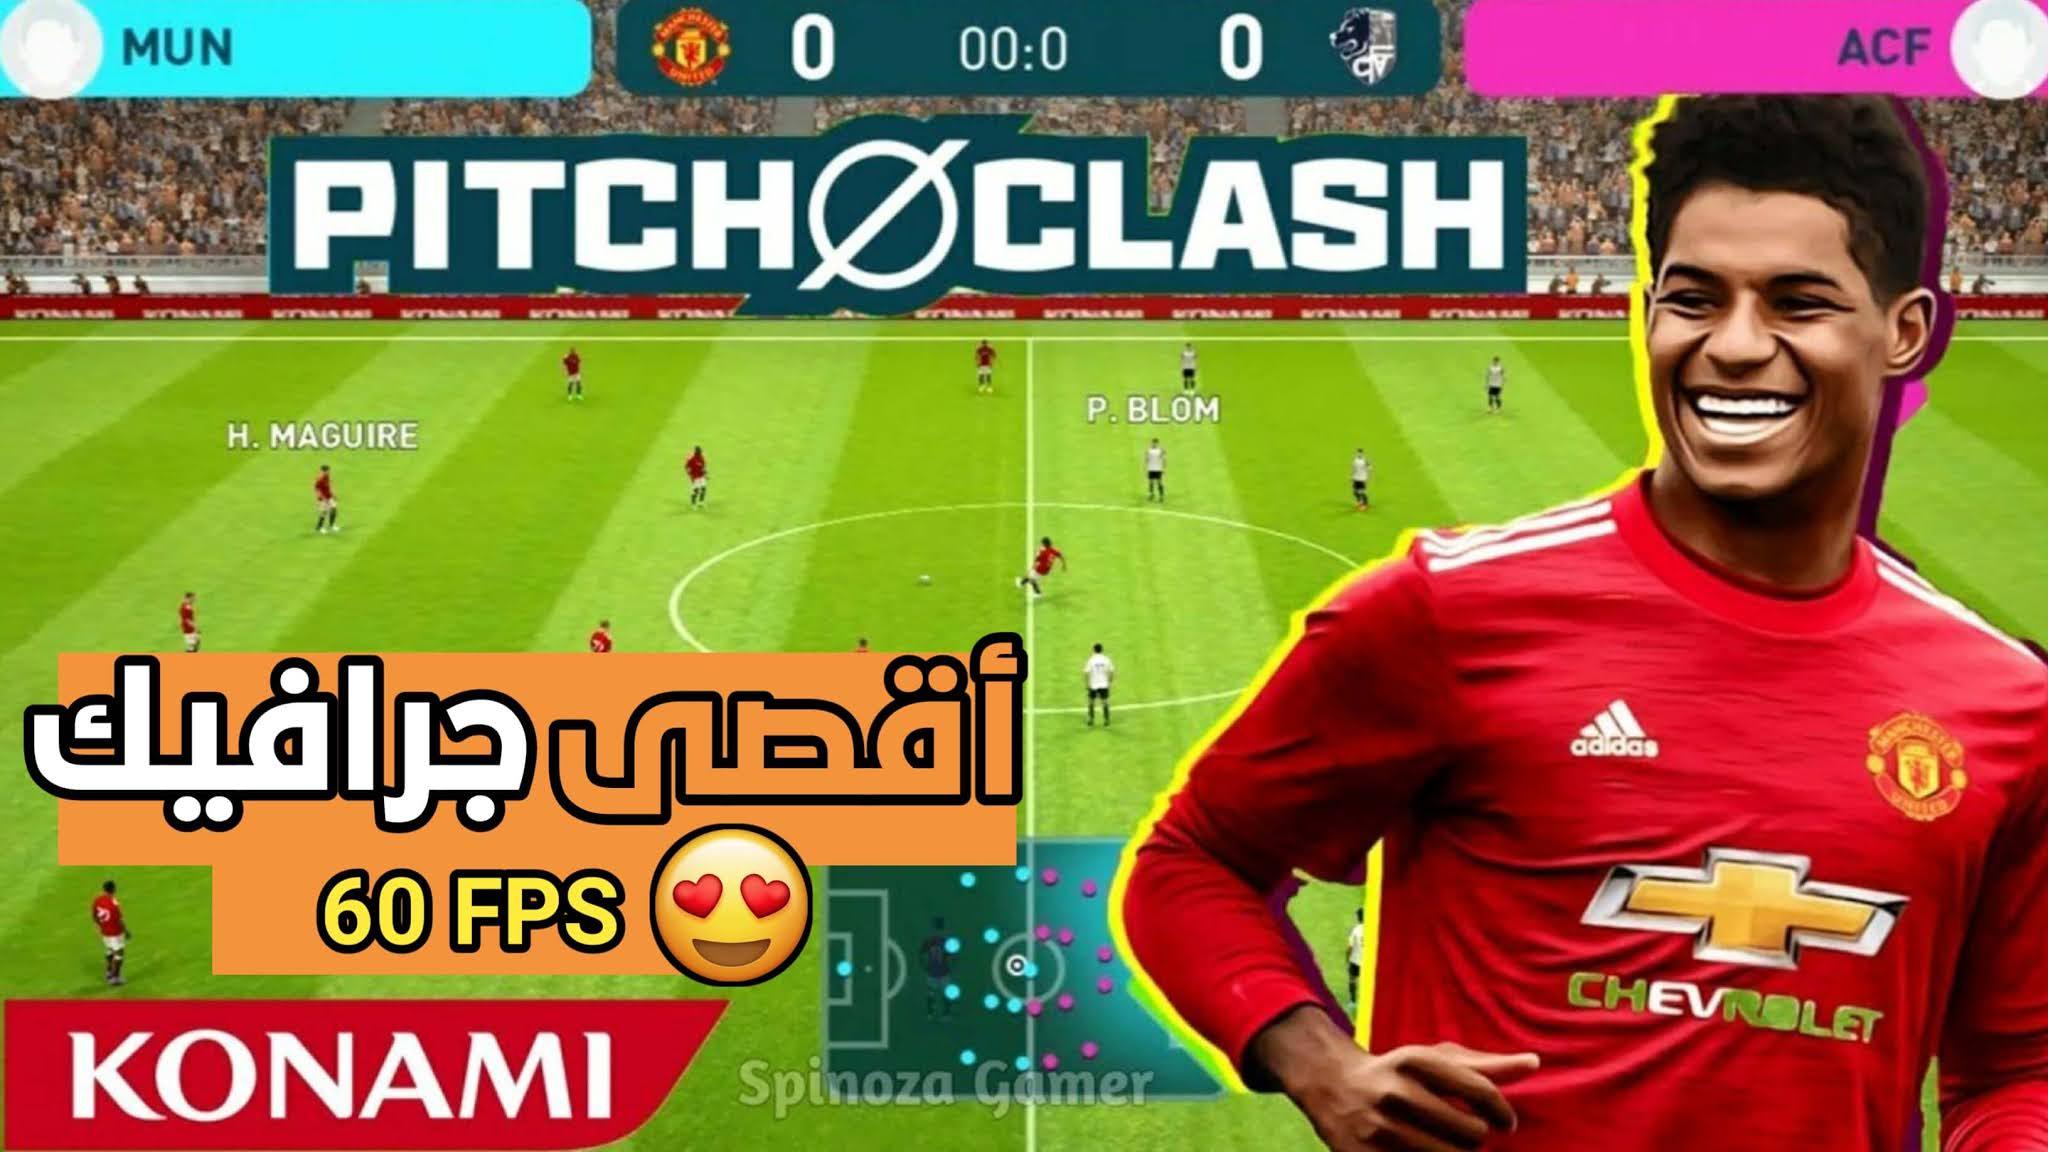 تحميل لعبة Pitch Clach للاندرويد نسخة تجريبية من Konami